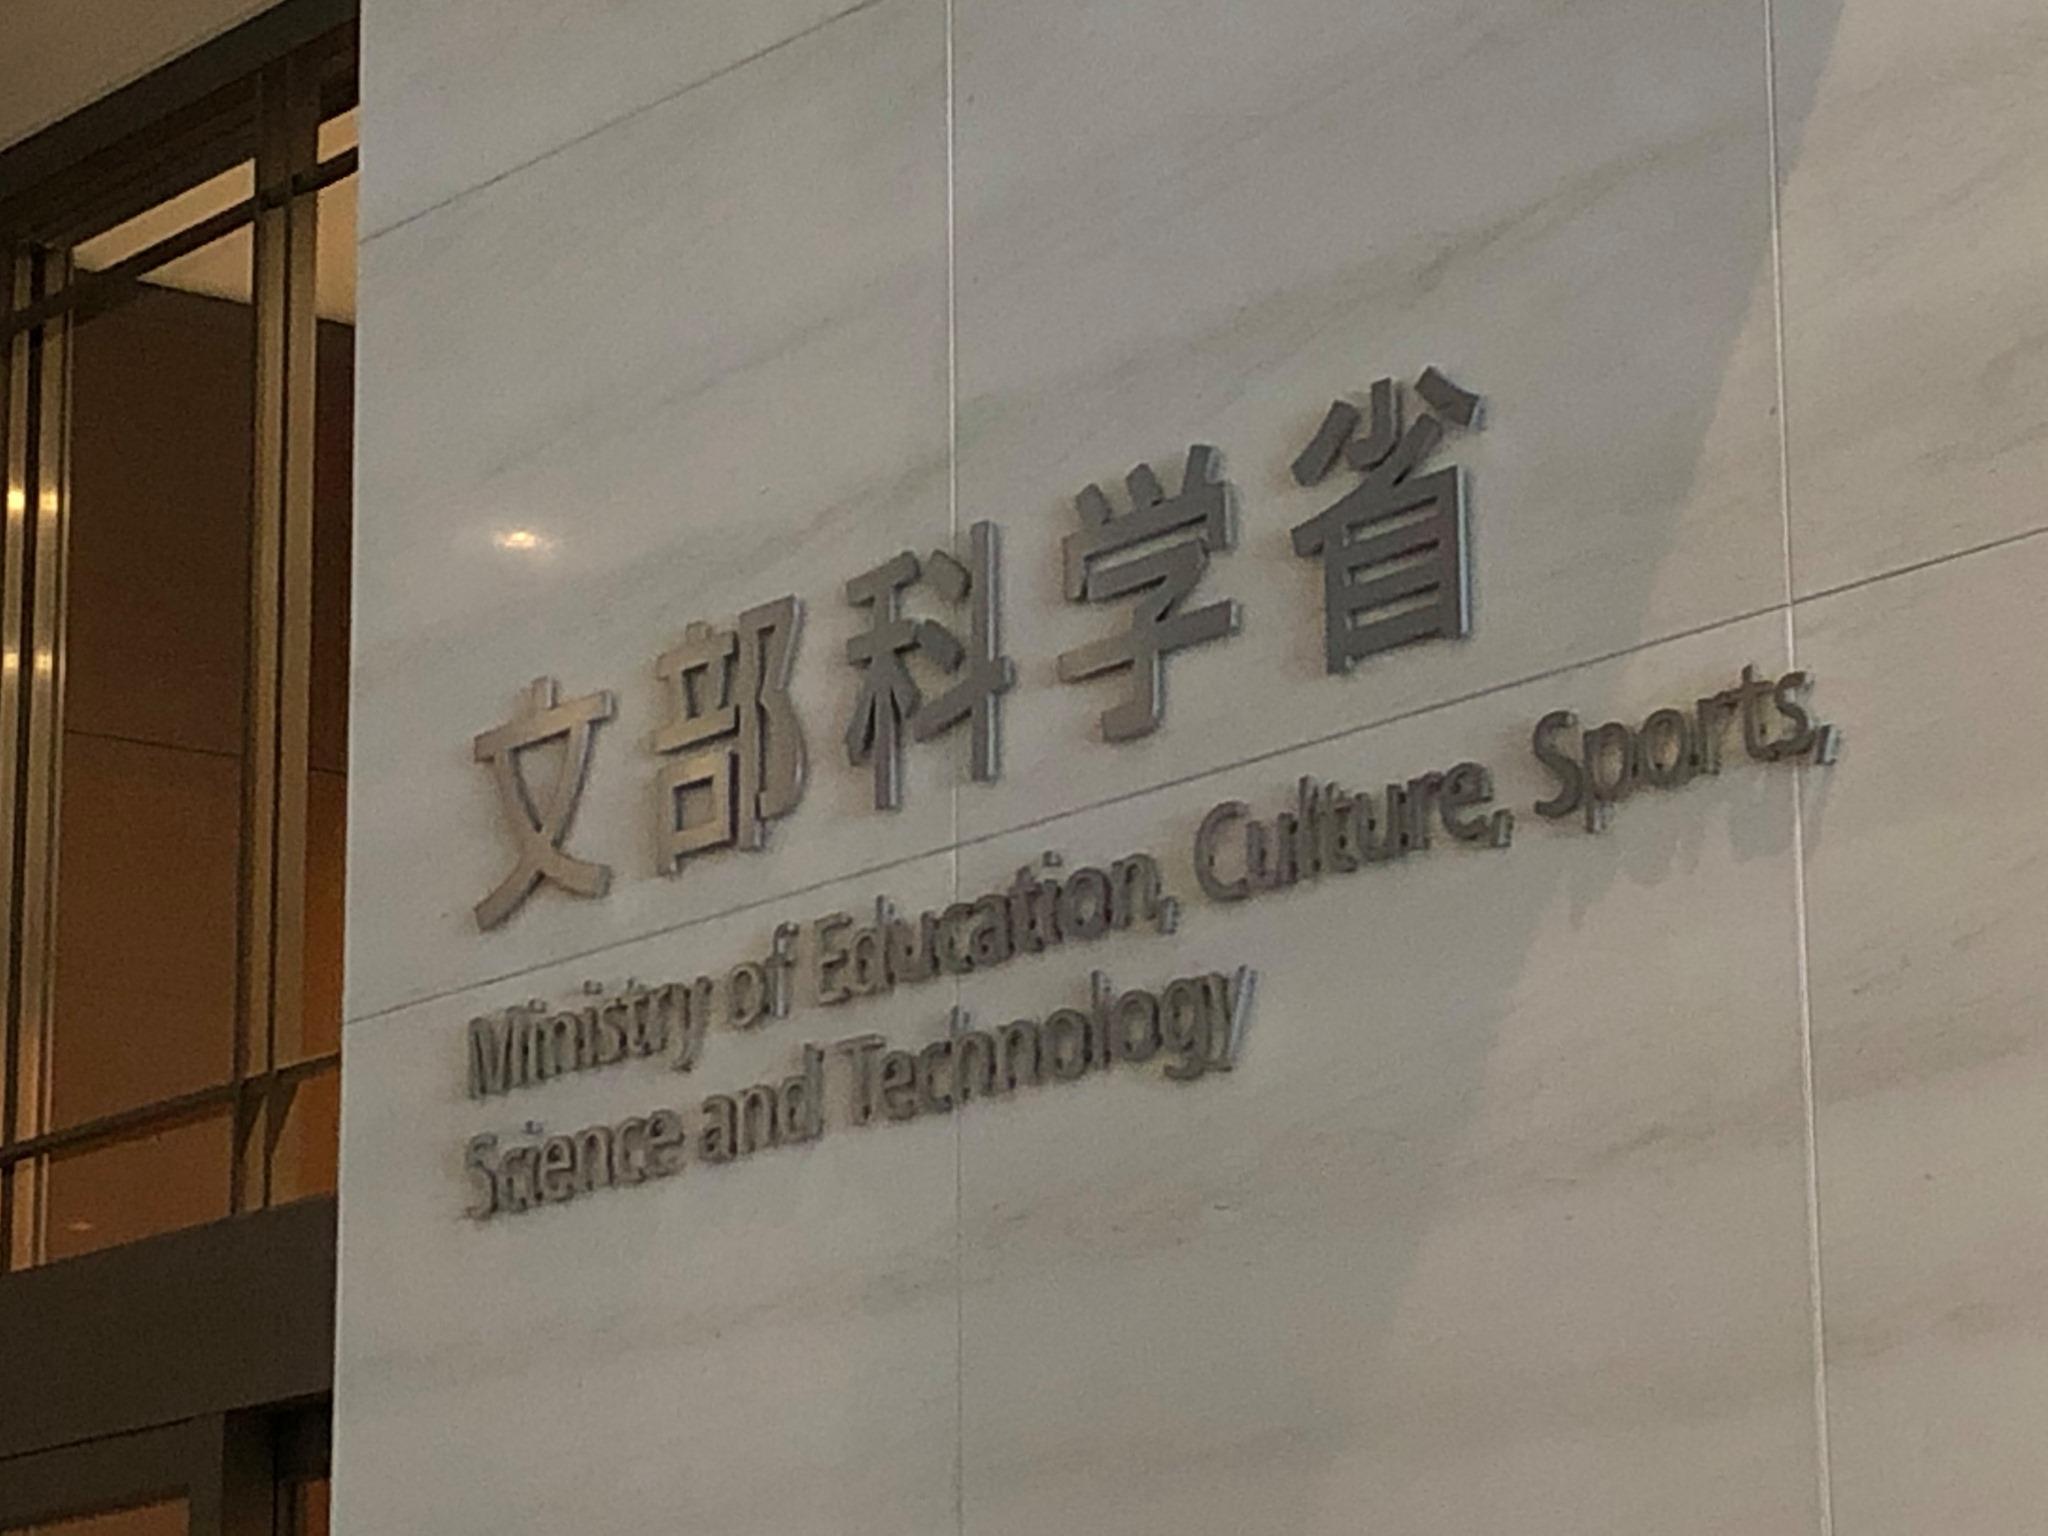 文部科学省第11期中央教育審議会の初等中等教育分科会に参加しました。